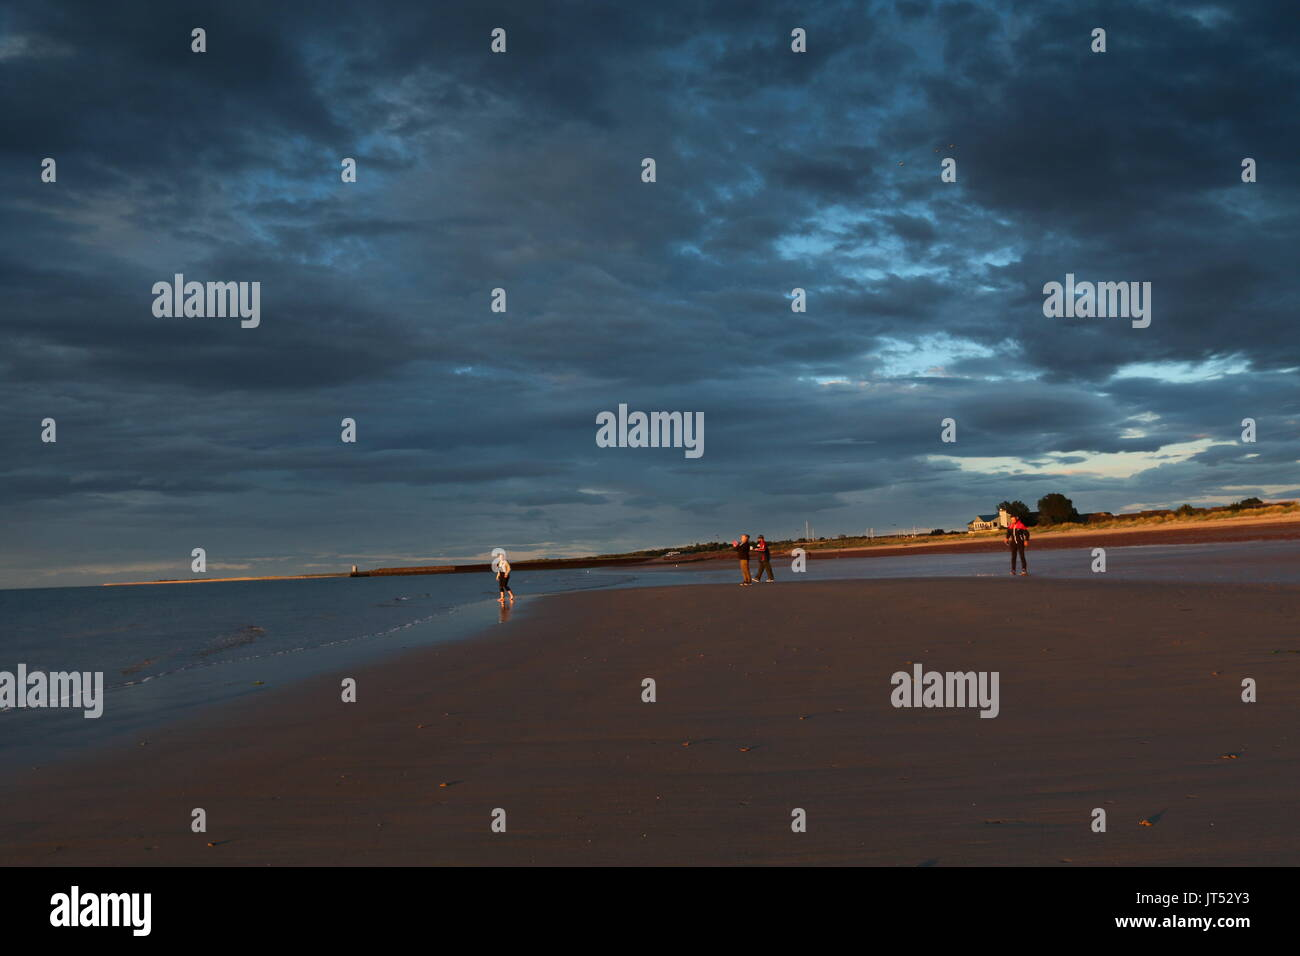 Nairn beach at sunset, Scotland - Stock Image